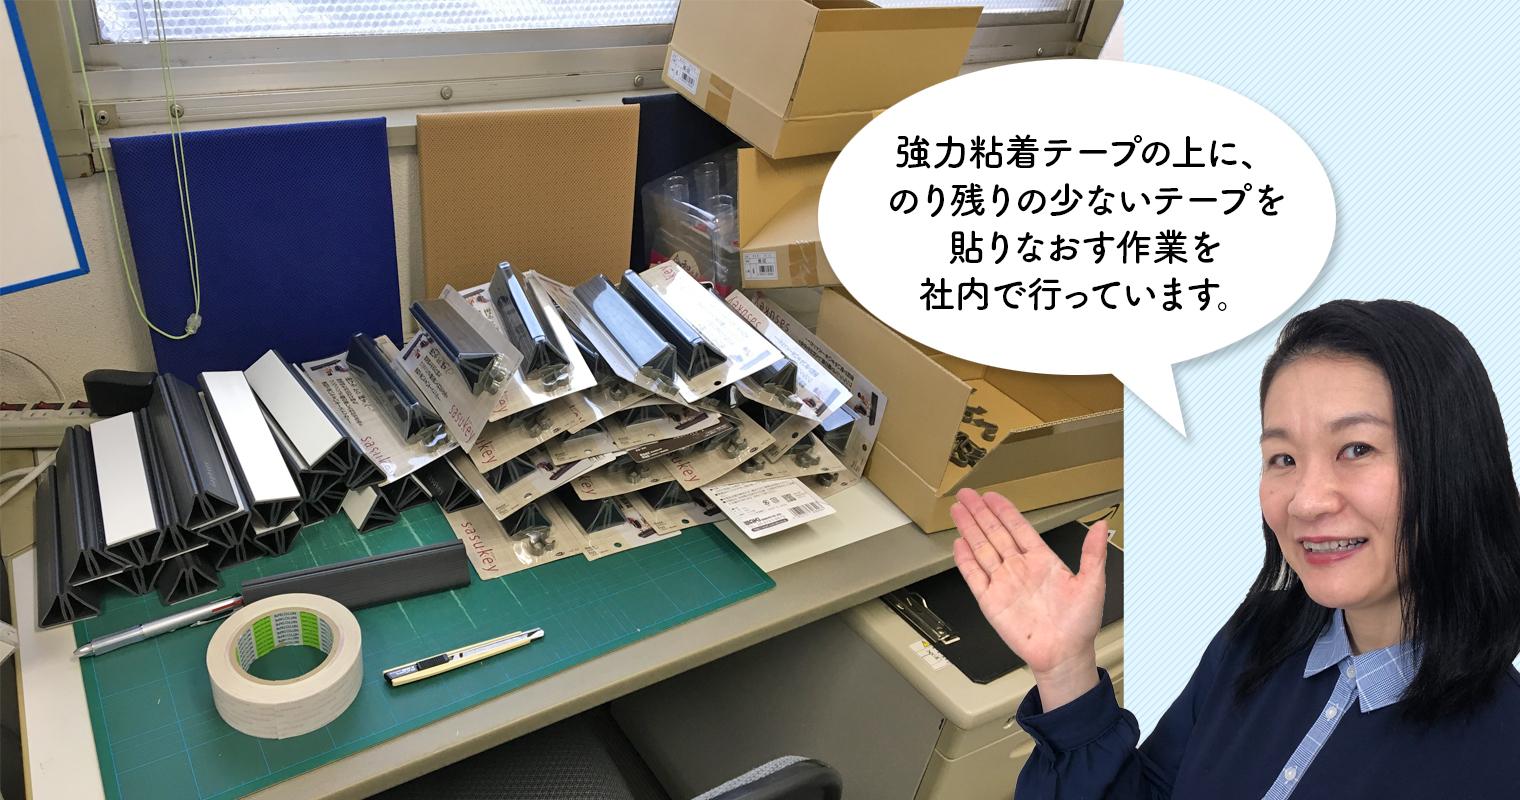 強力粘着テープの上に、のり残りの少ないテープを貼りなおす作業を社内で行っています。